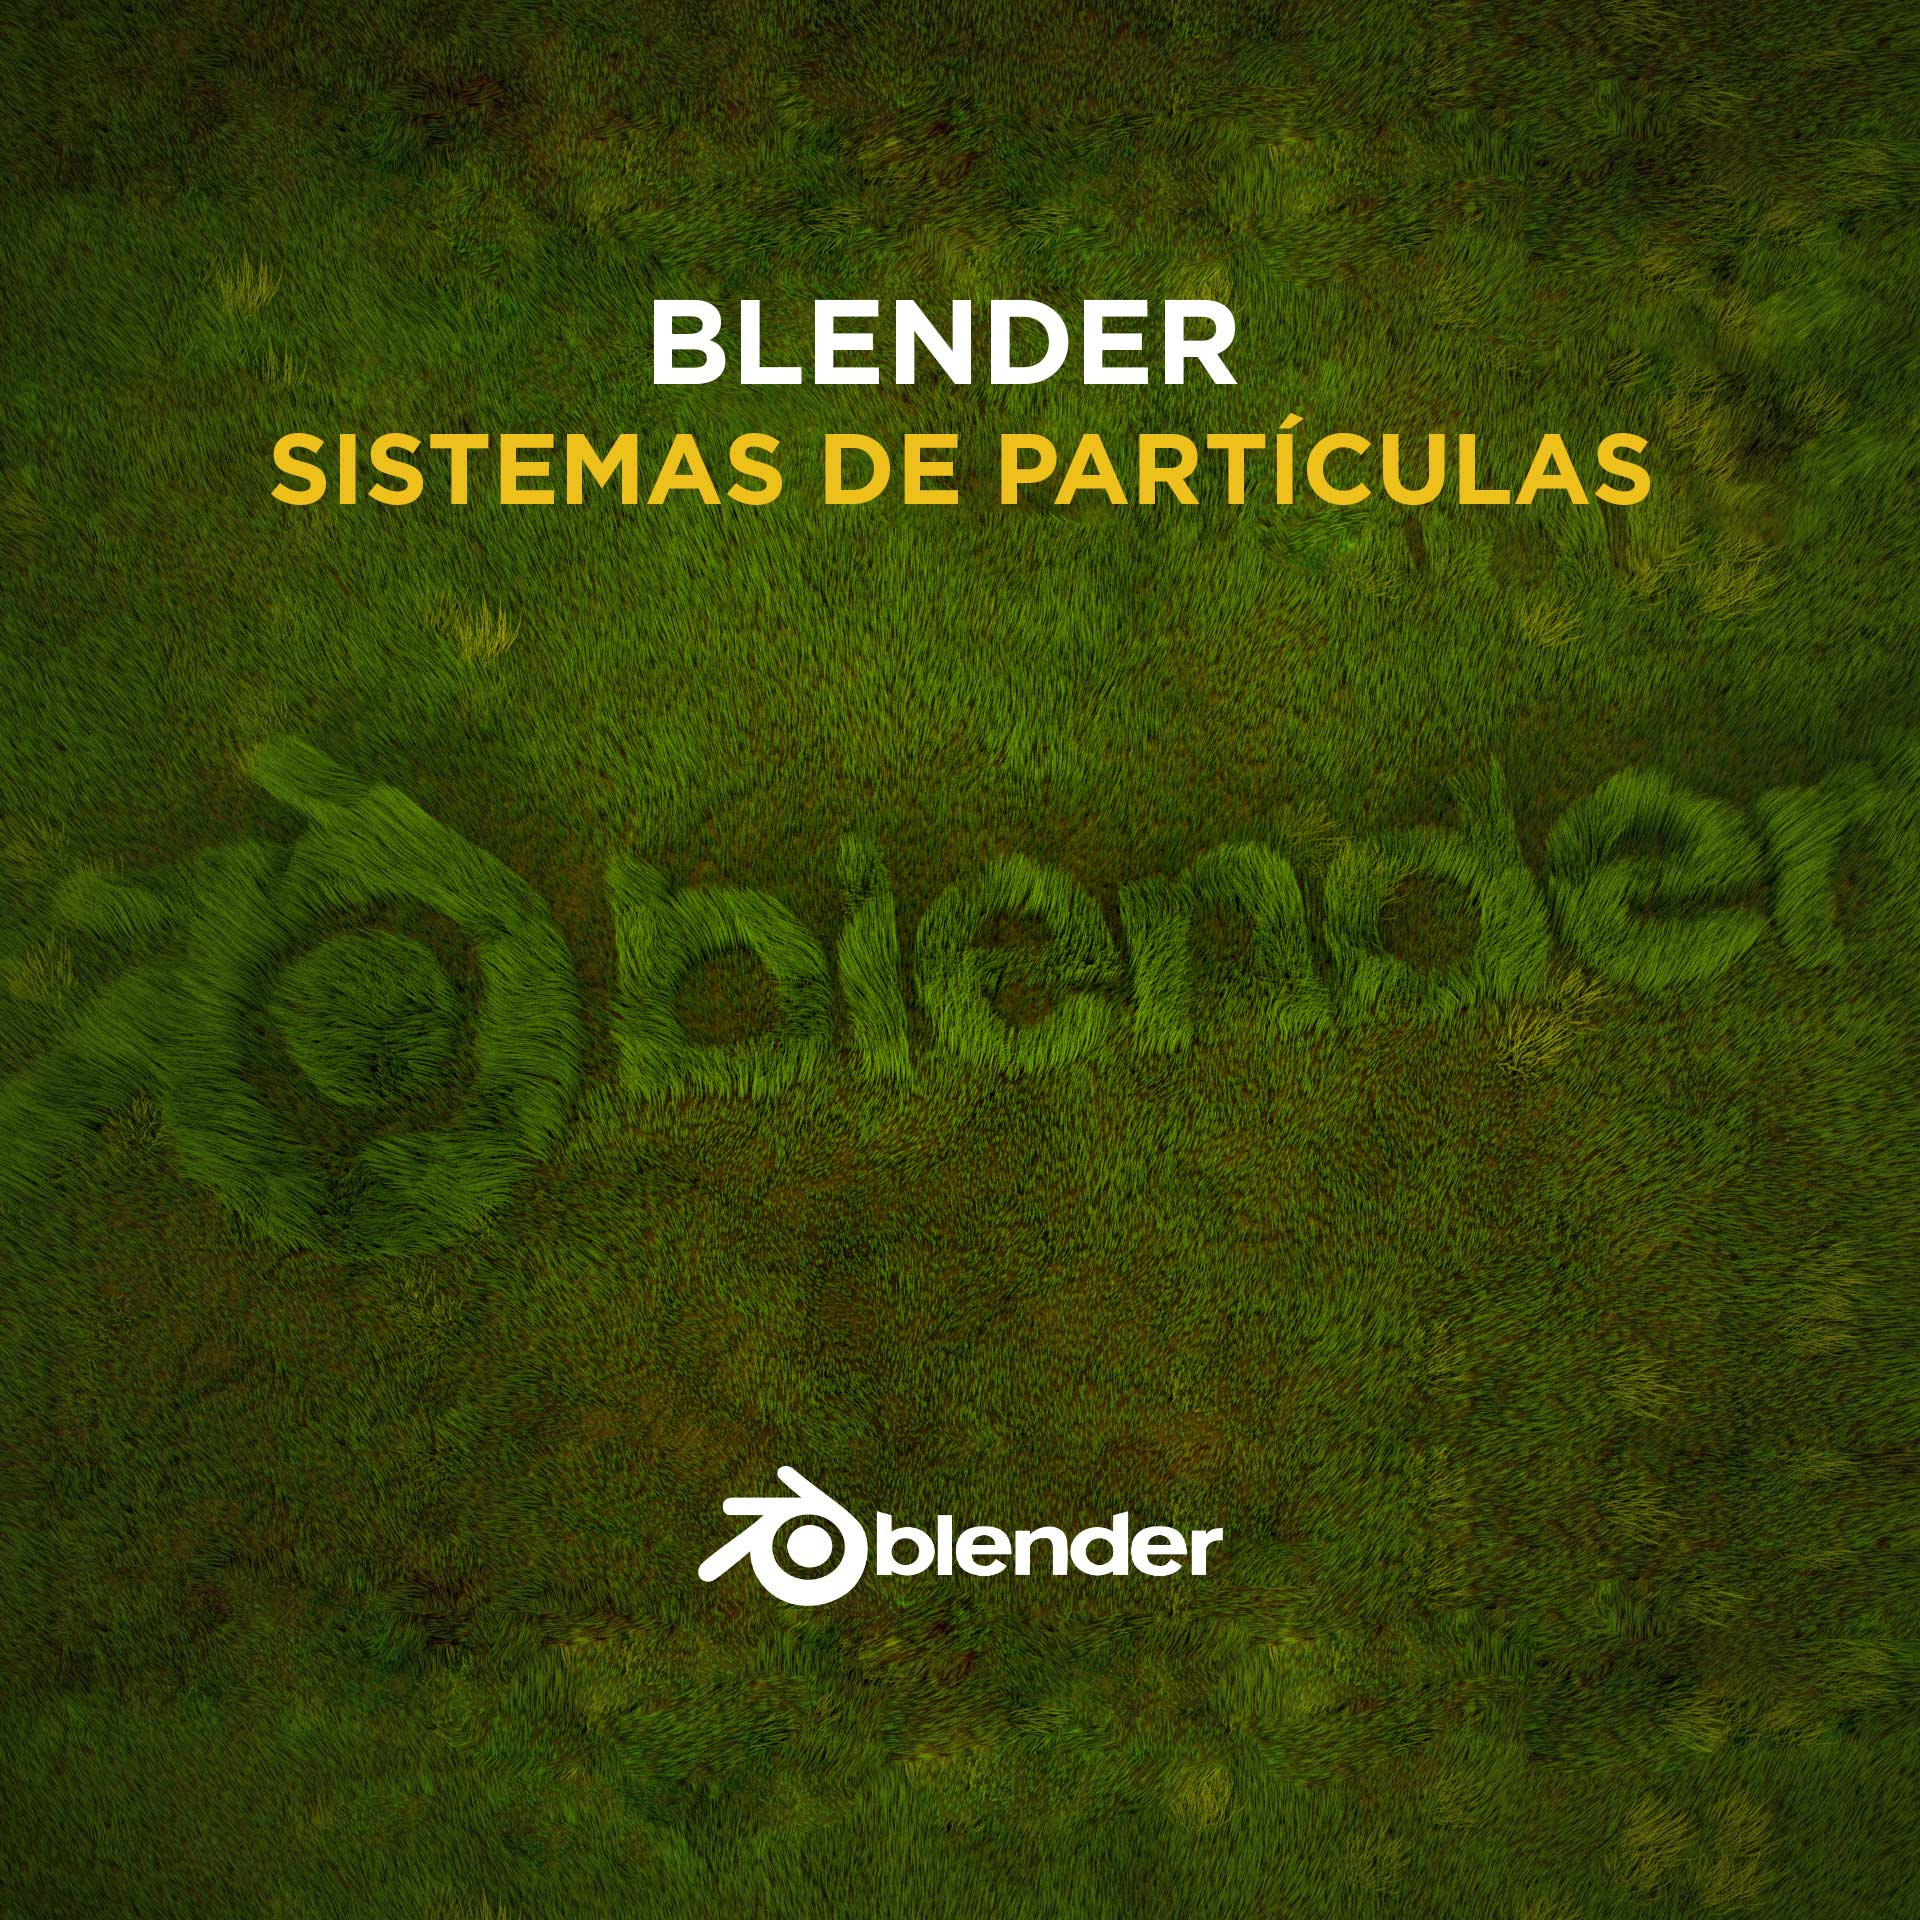 Blender-Sistemas-de-Partículas-1080x1080